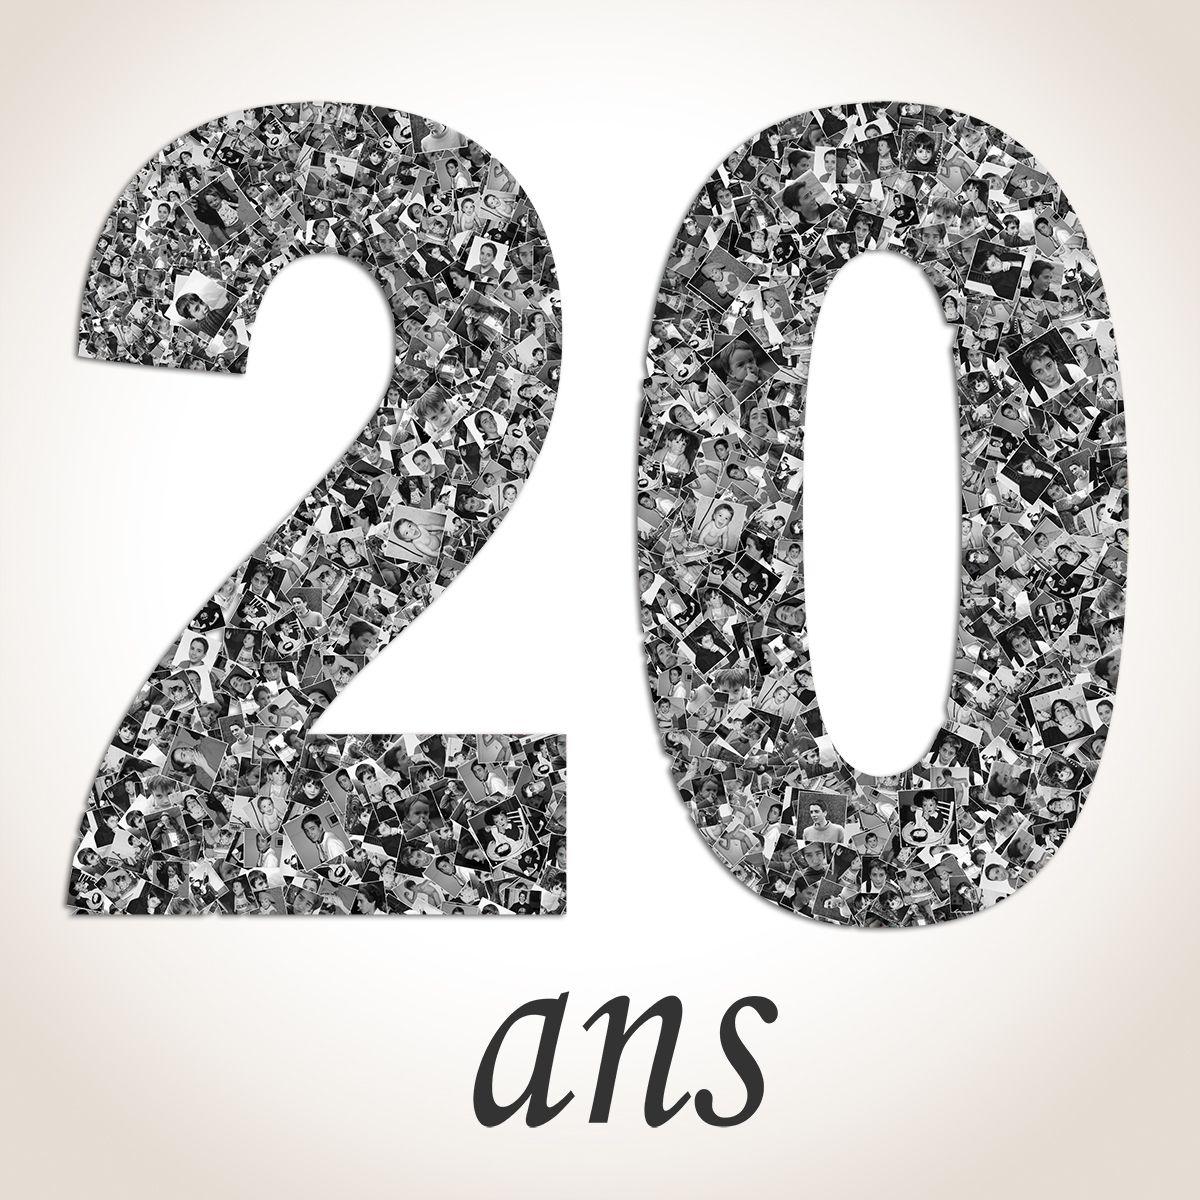 20 Idées Pour Aménager Un Petit Balcon: 20 Ans. En Panne D'idée Cadeau Pour Les 20 Ans. Offfez Des